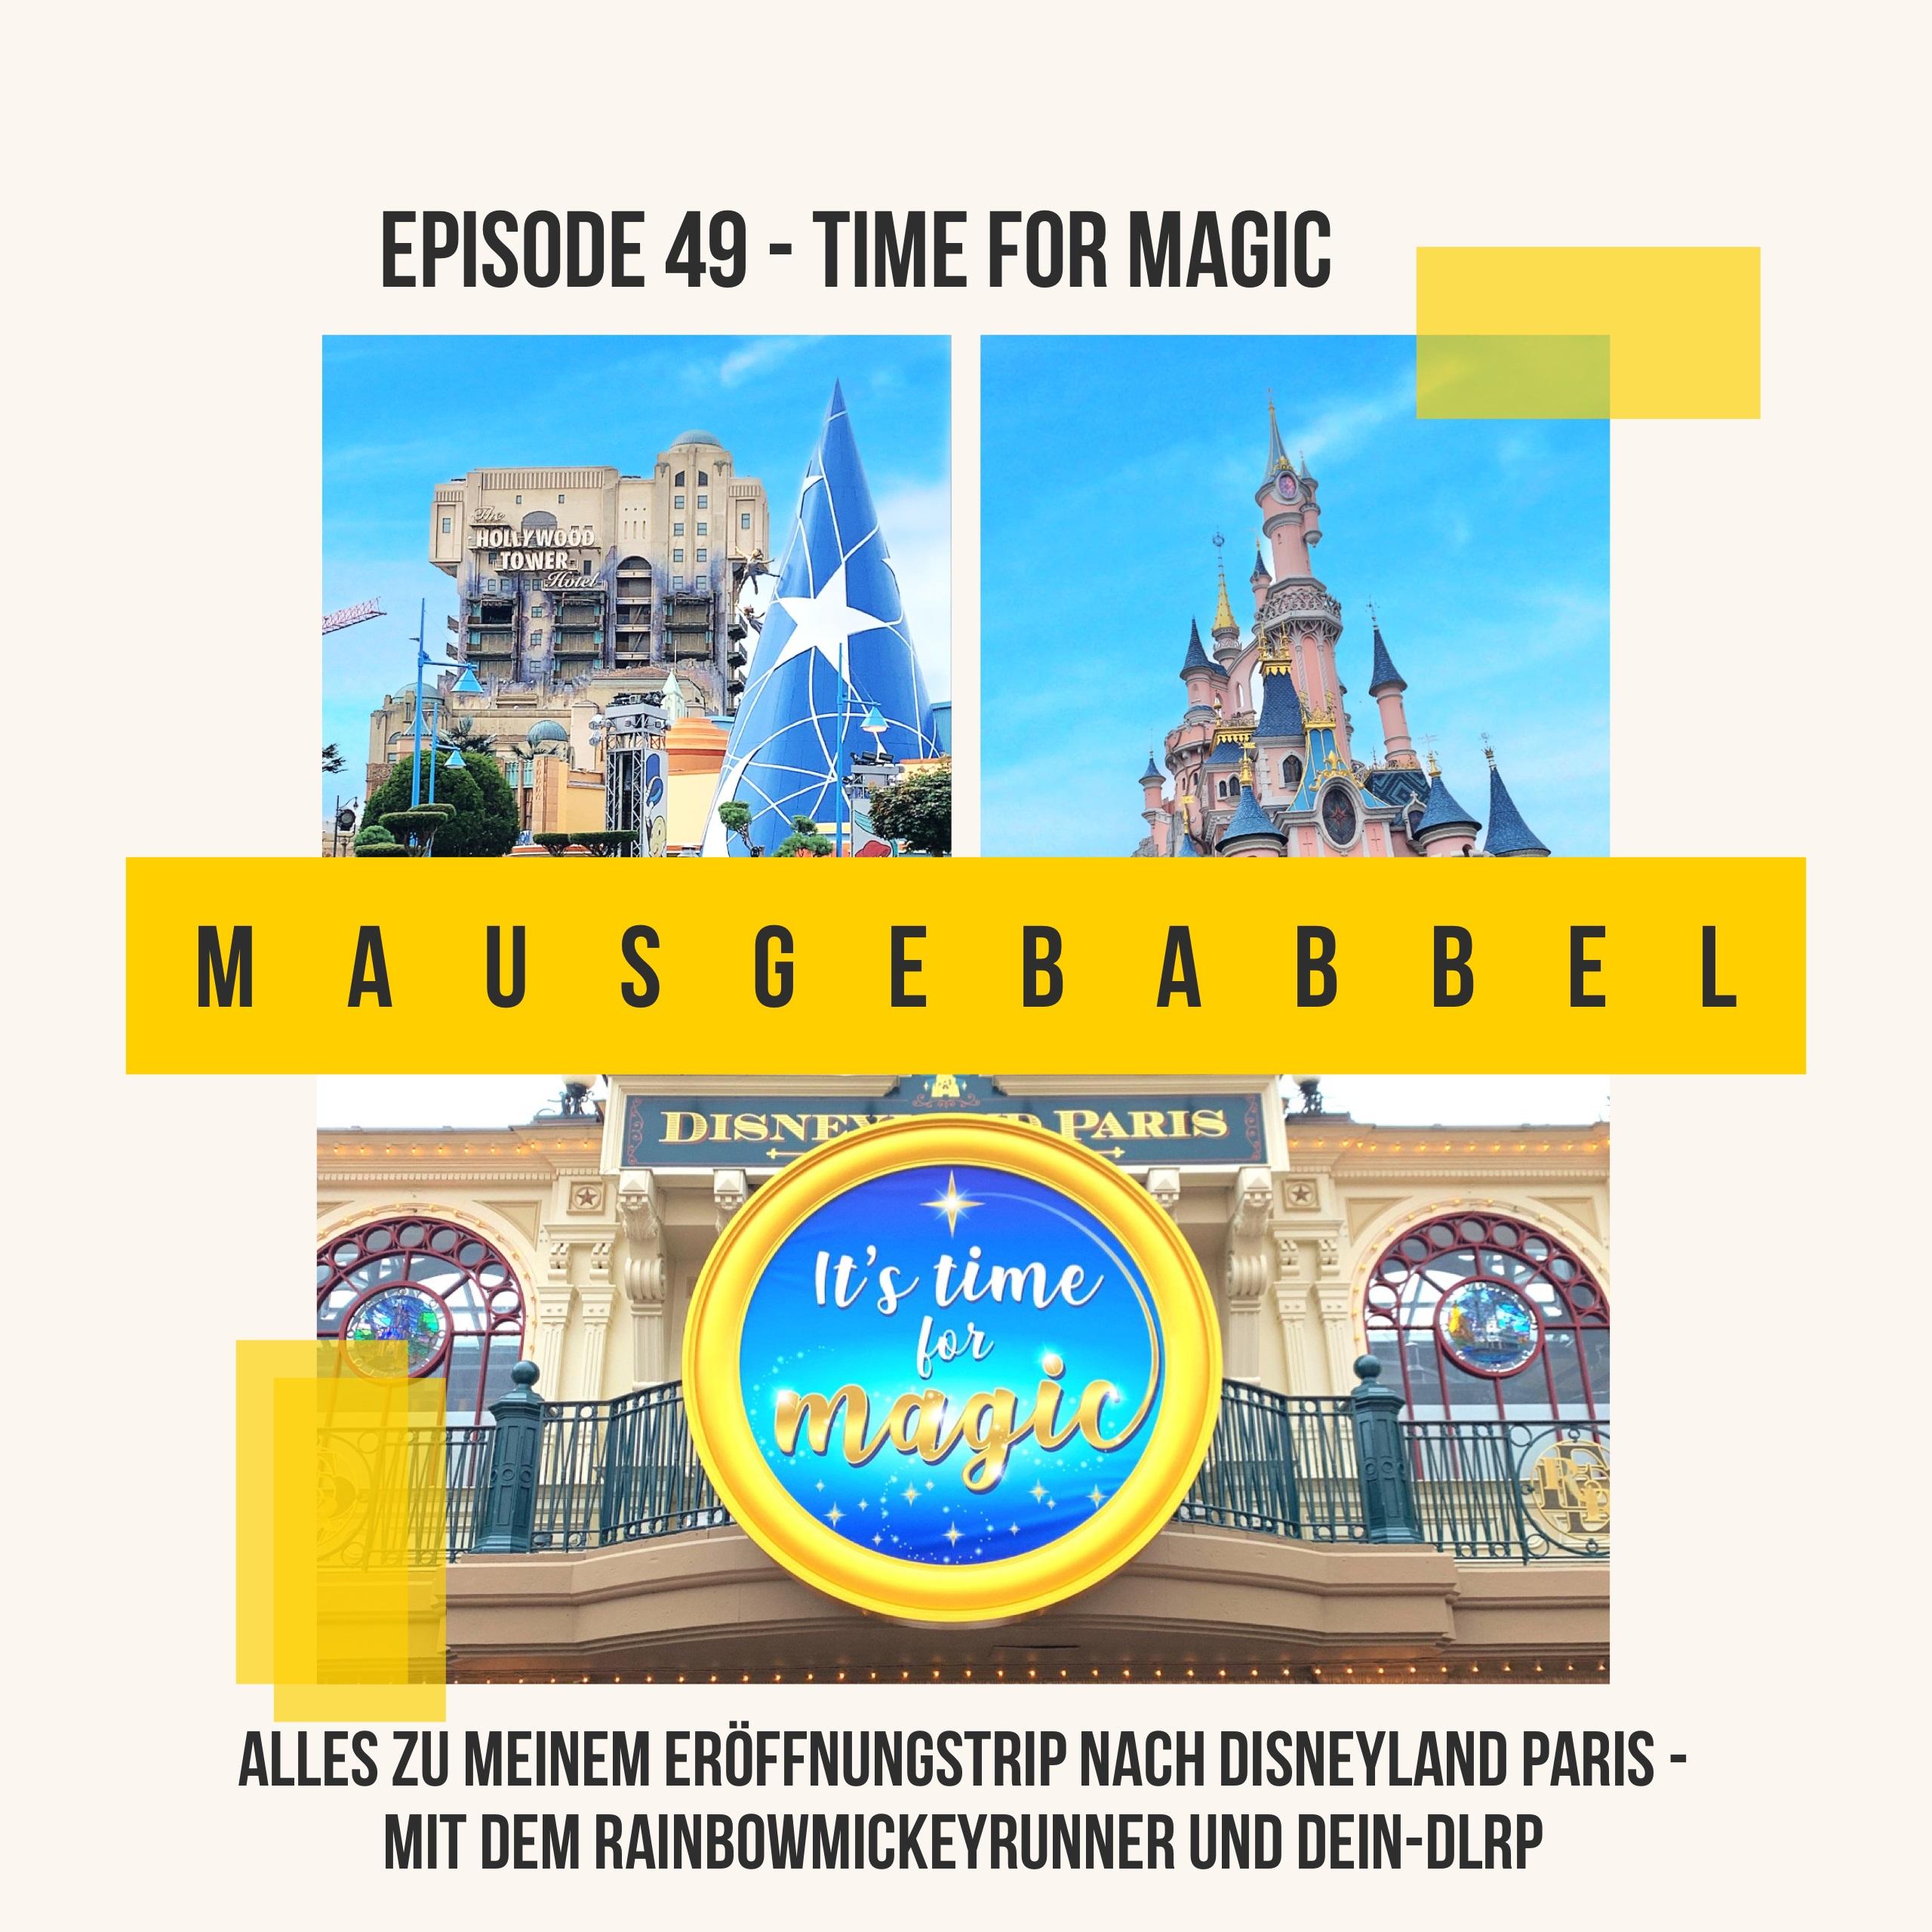 Mausgebabbel 49 - Disneyland Paris Reisebericht Cover